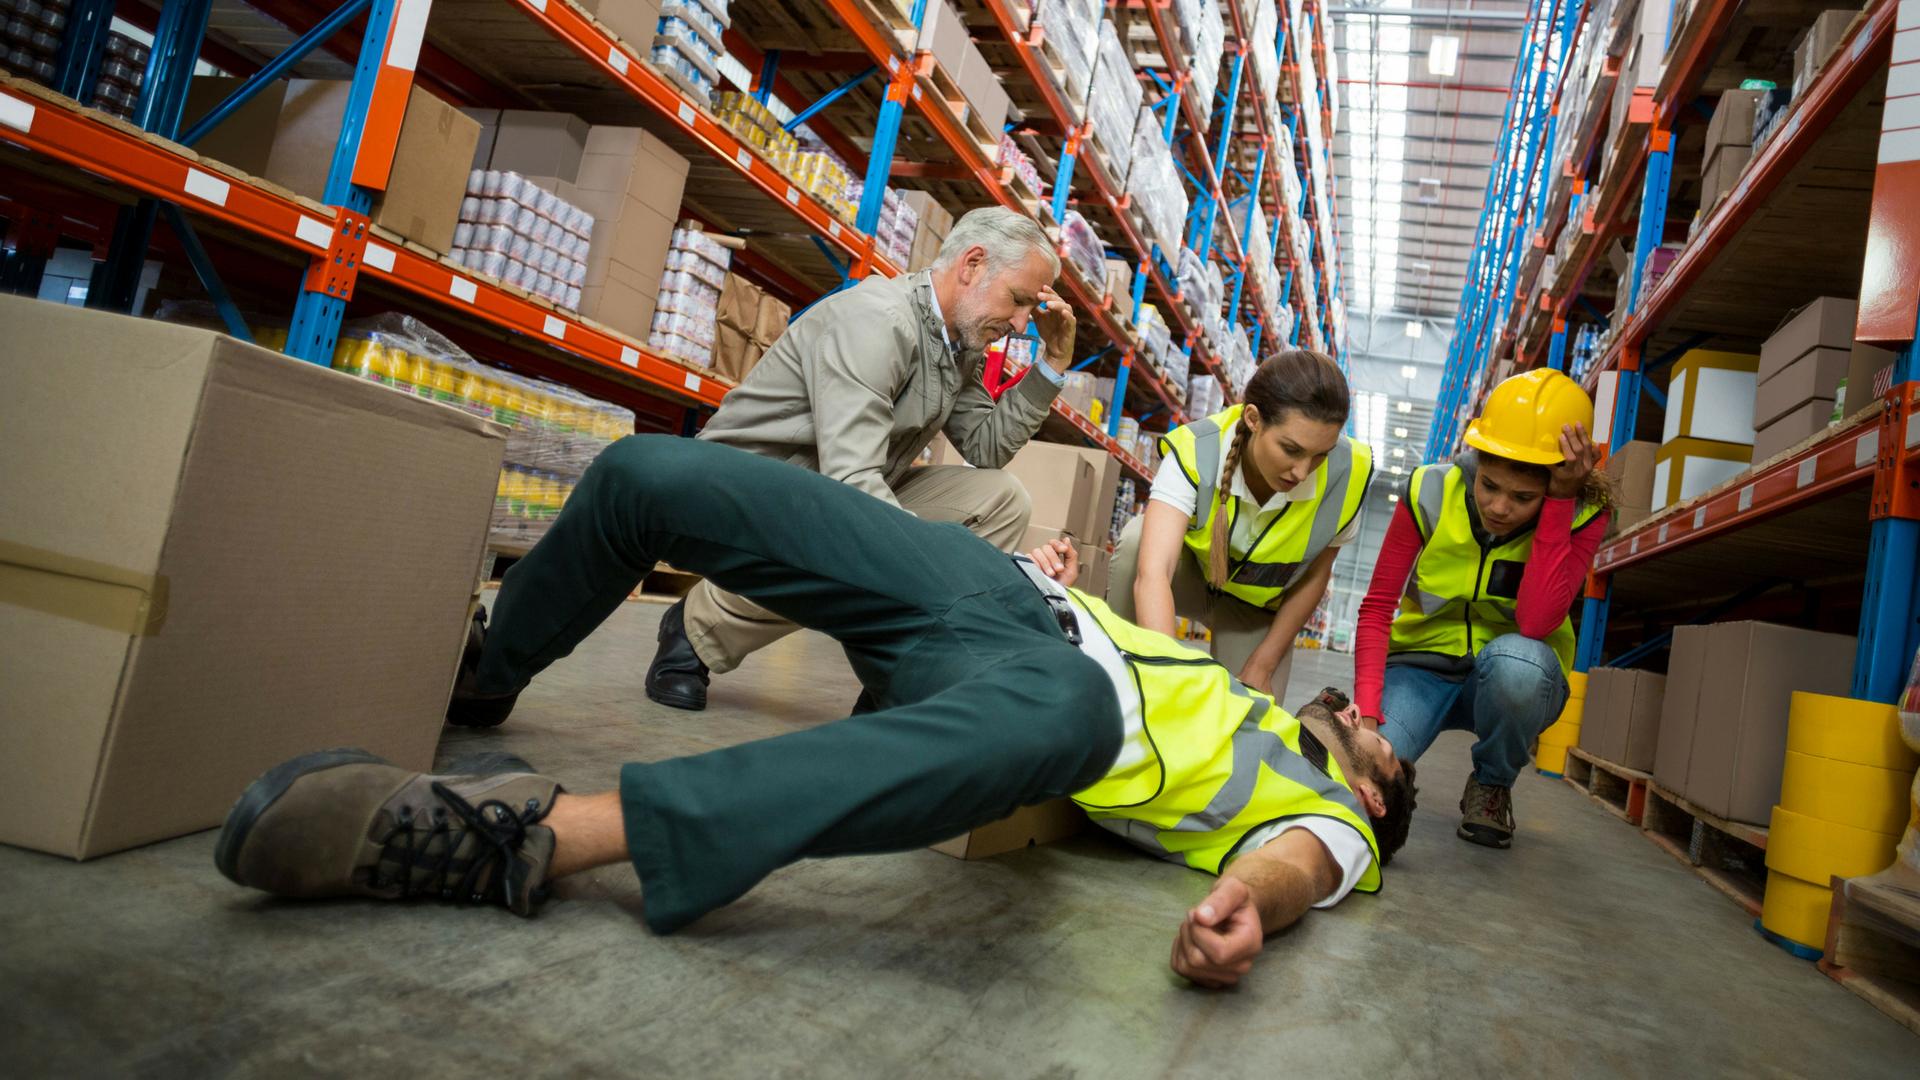 Sicurezza Sui Cantieri: Responsabilità Del Datore Di Lavoro E Preposto